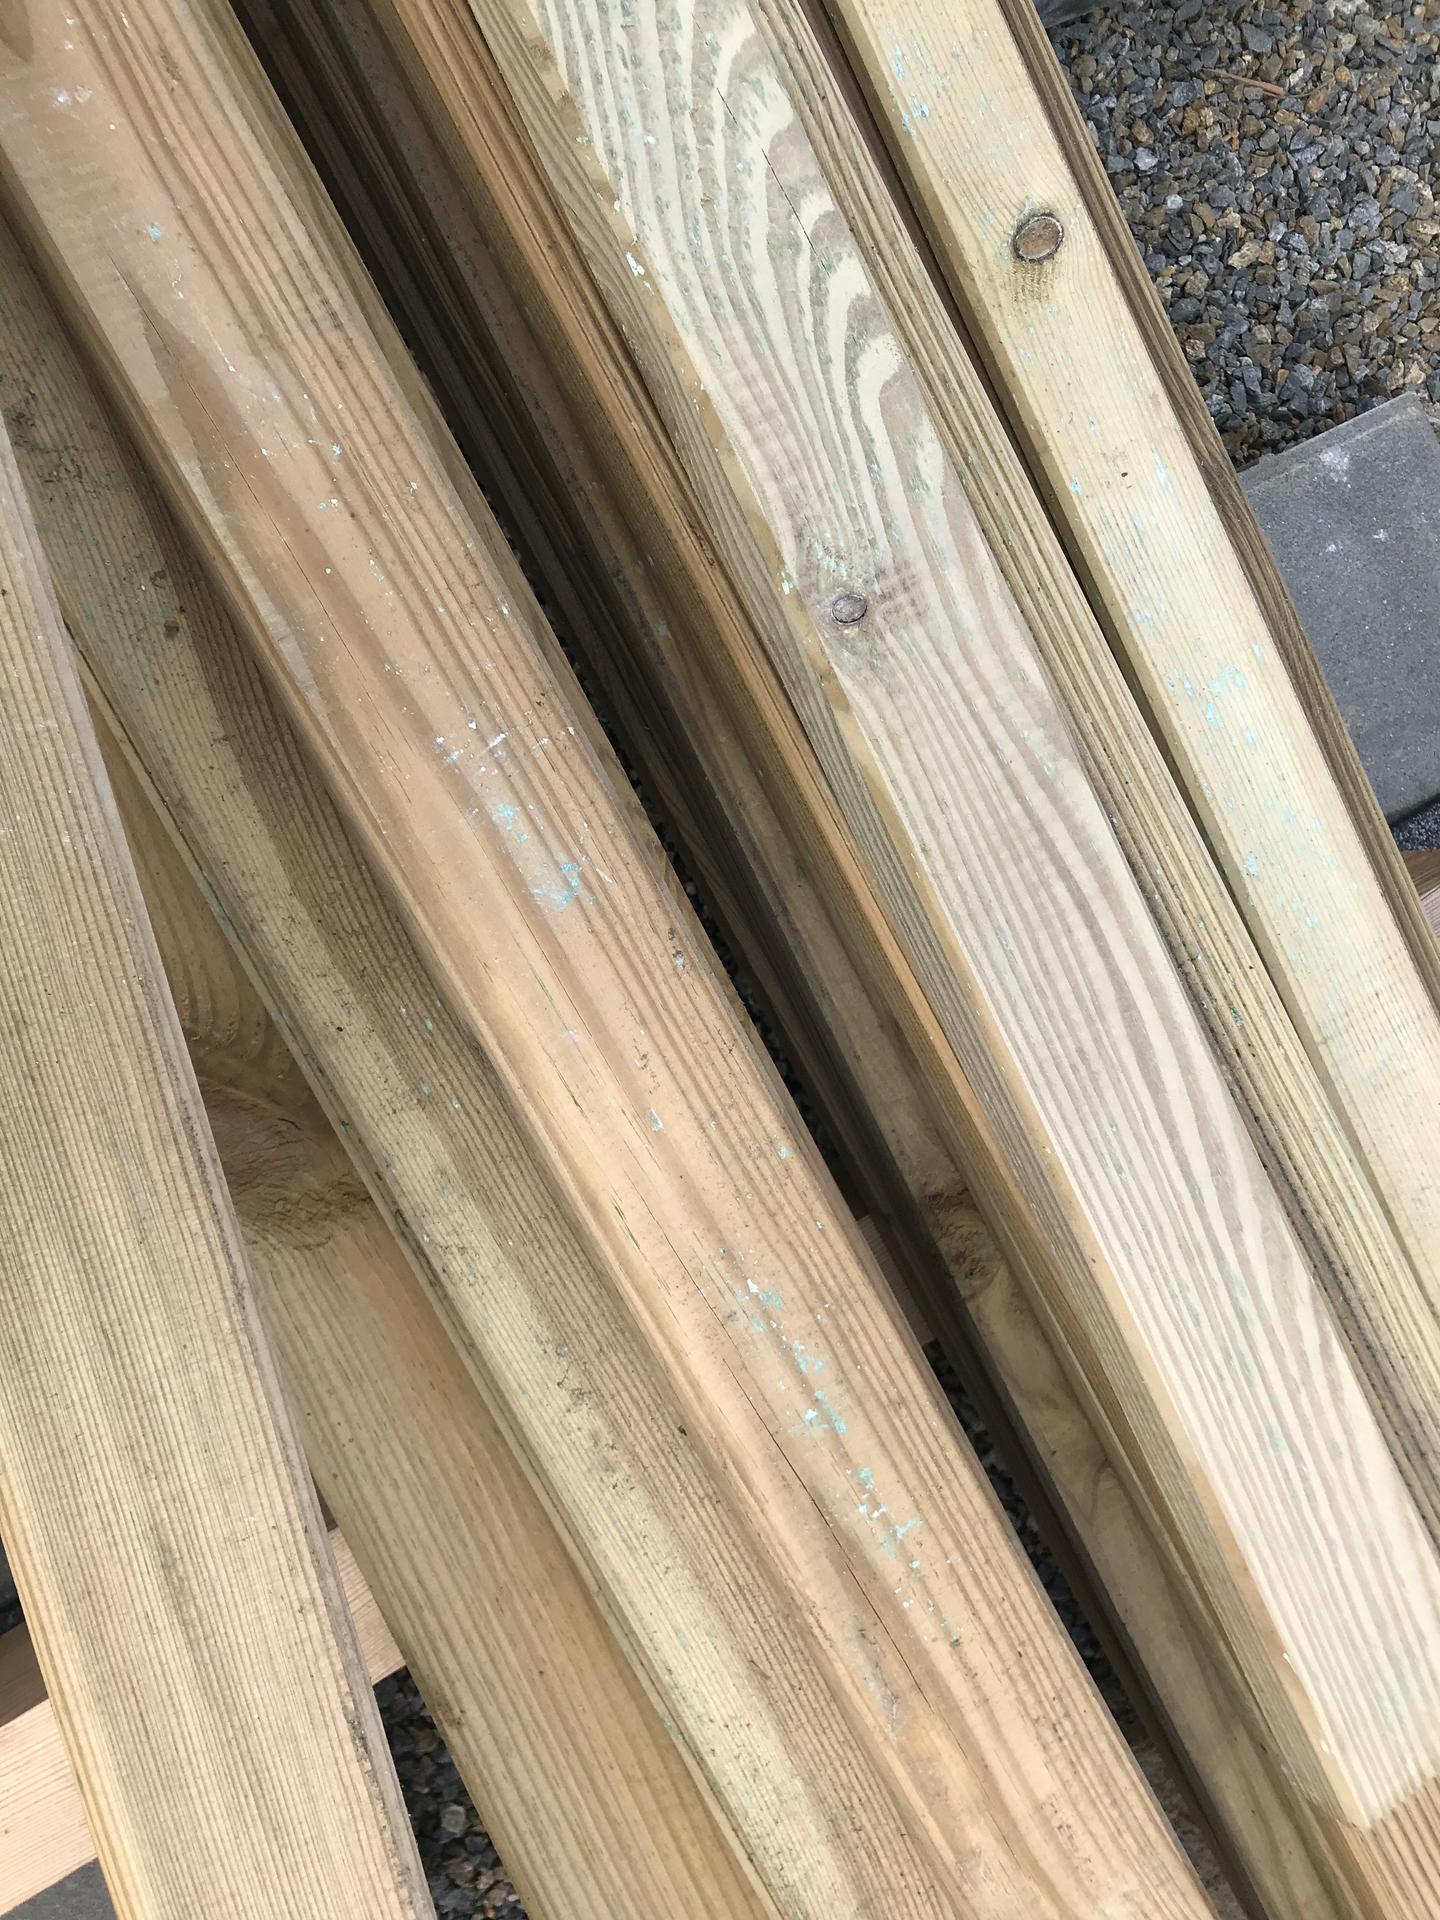 Prosím o radu, je dřevo na fotkách napadené plísní? Jde mi o případné ošetření, děkuji - Obrázek č. 3